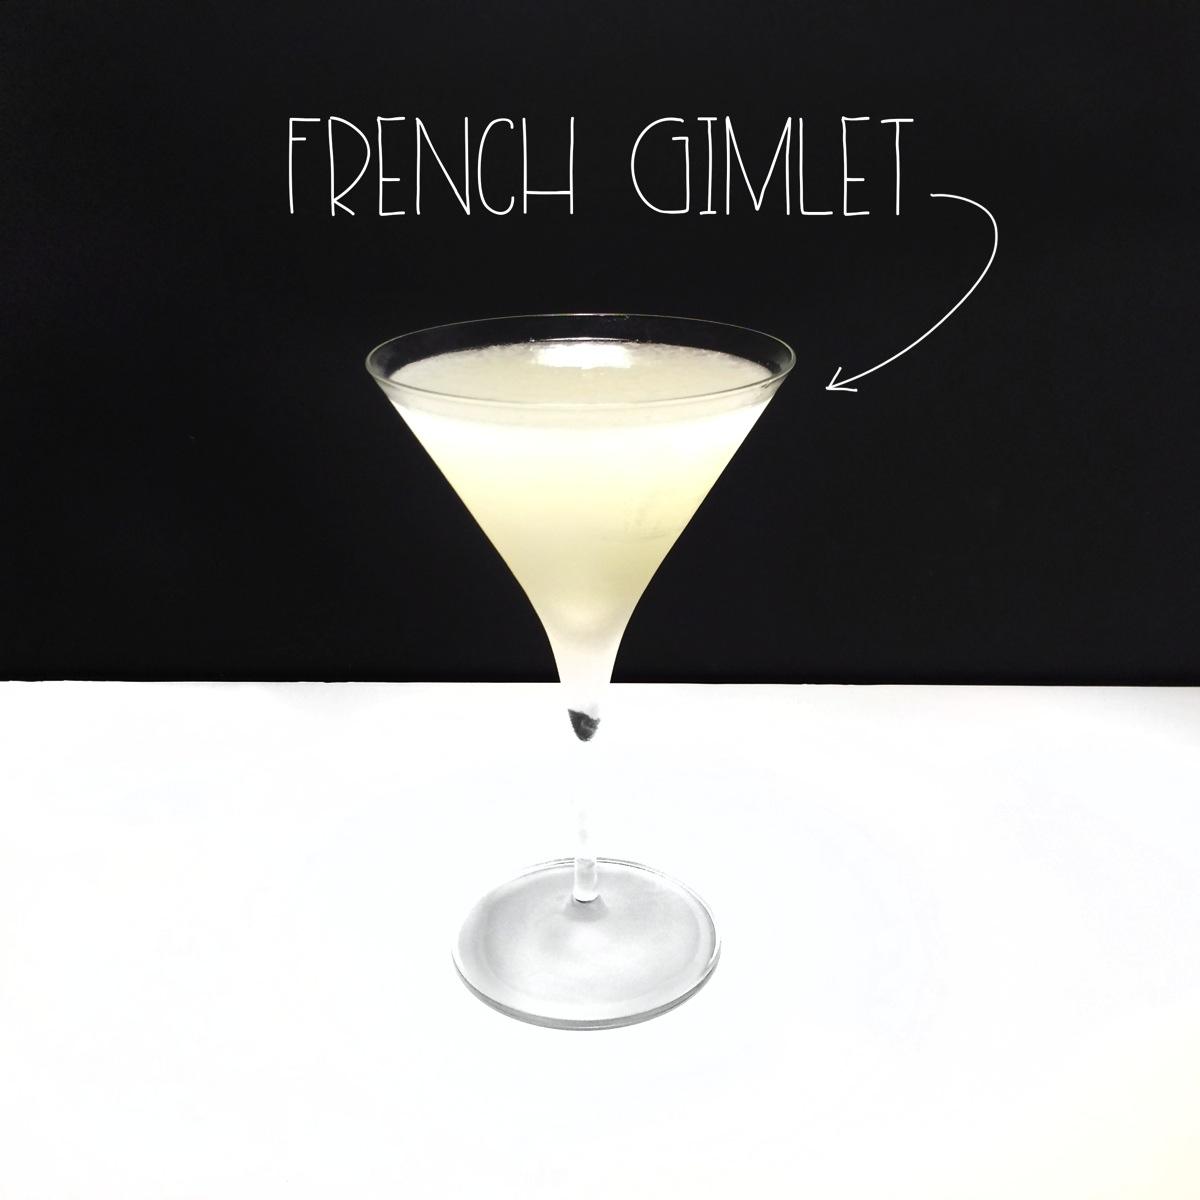 French Gimlet | MrsAmberAppleBlog